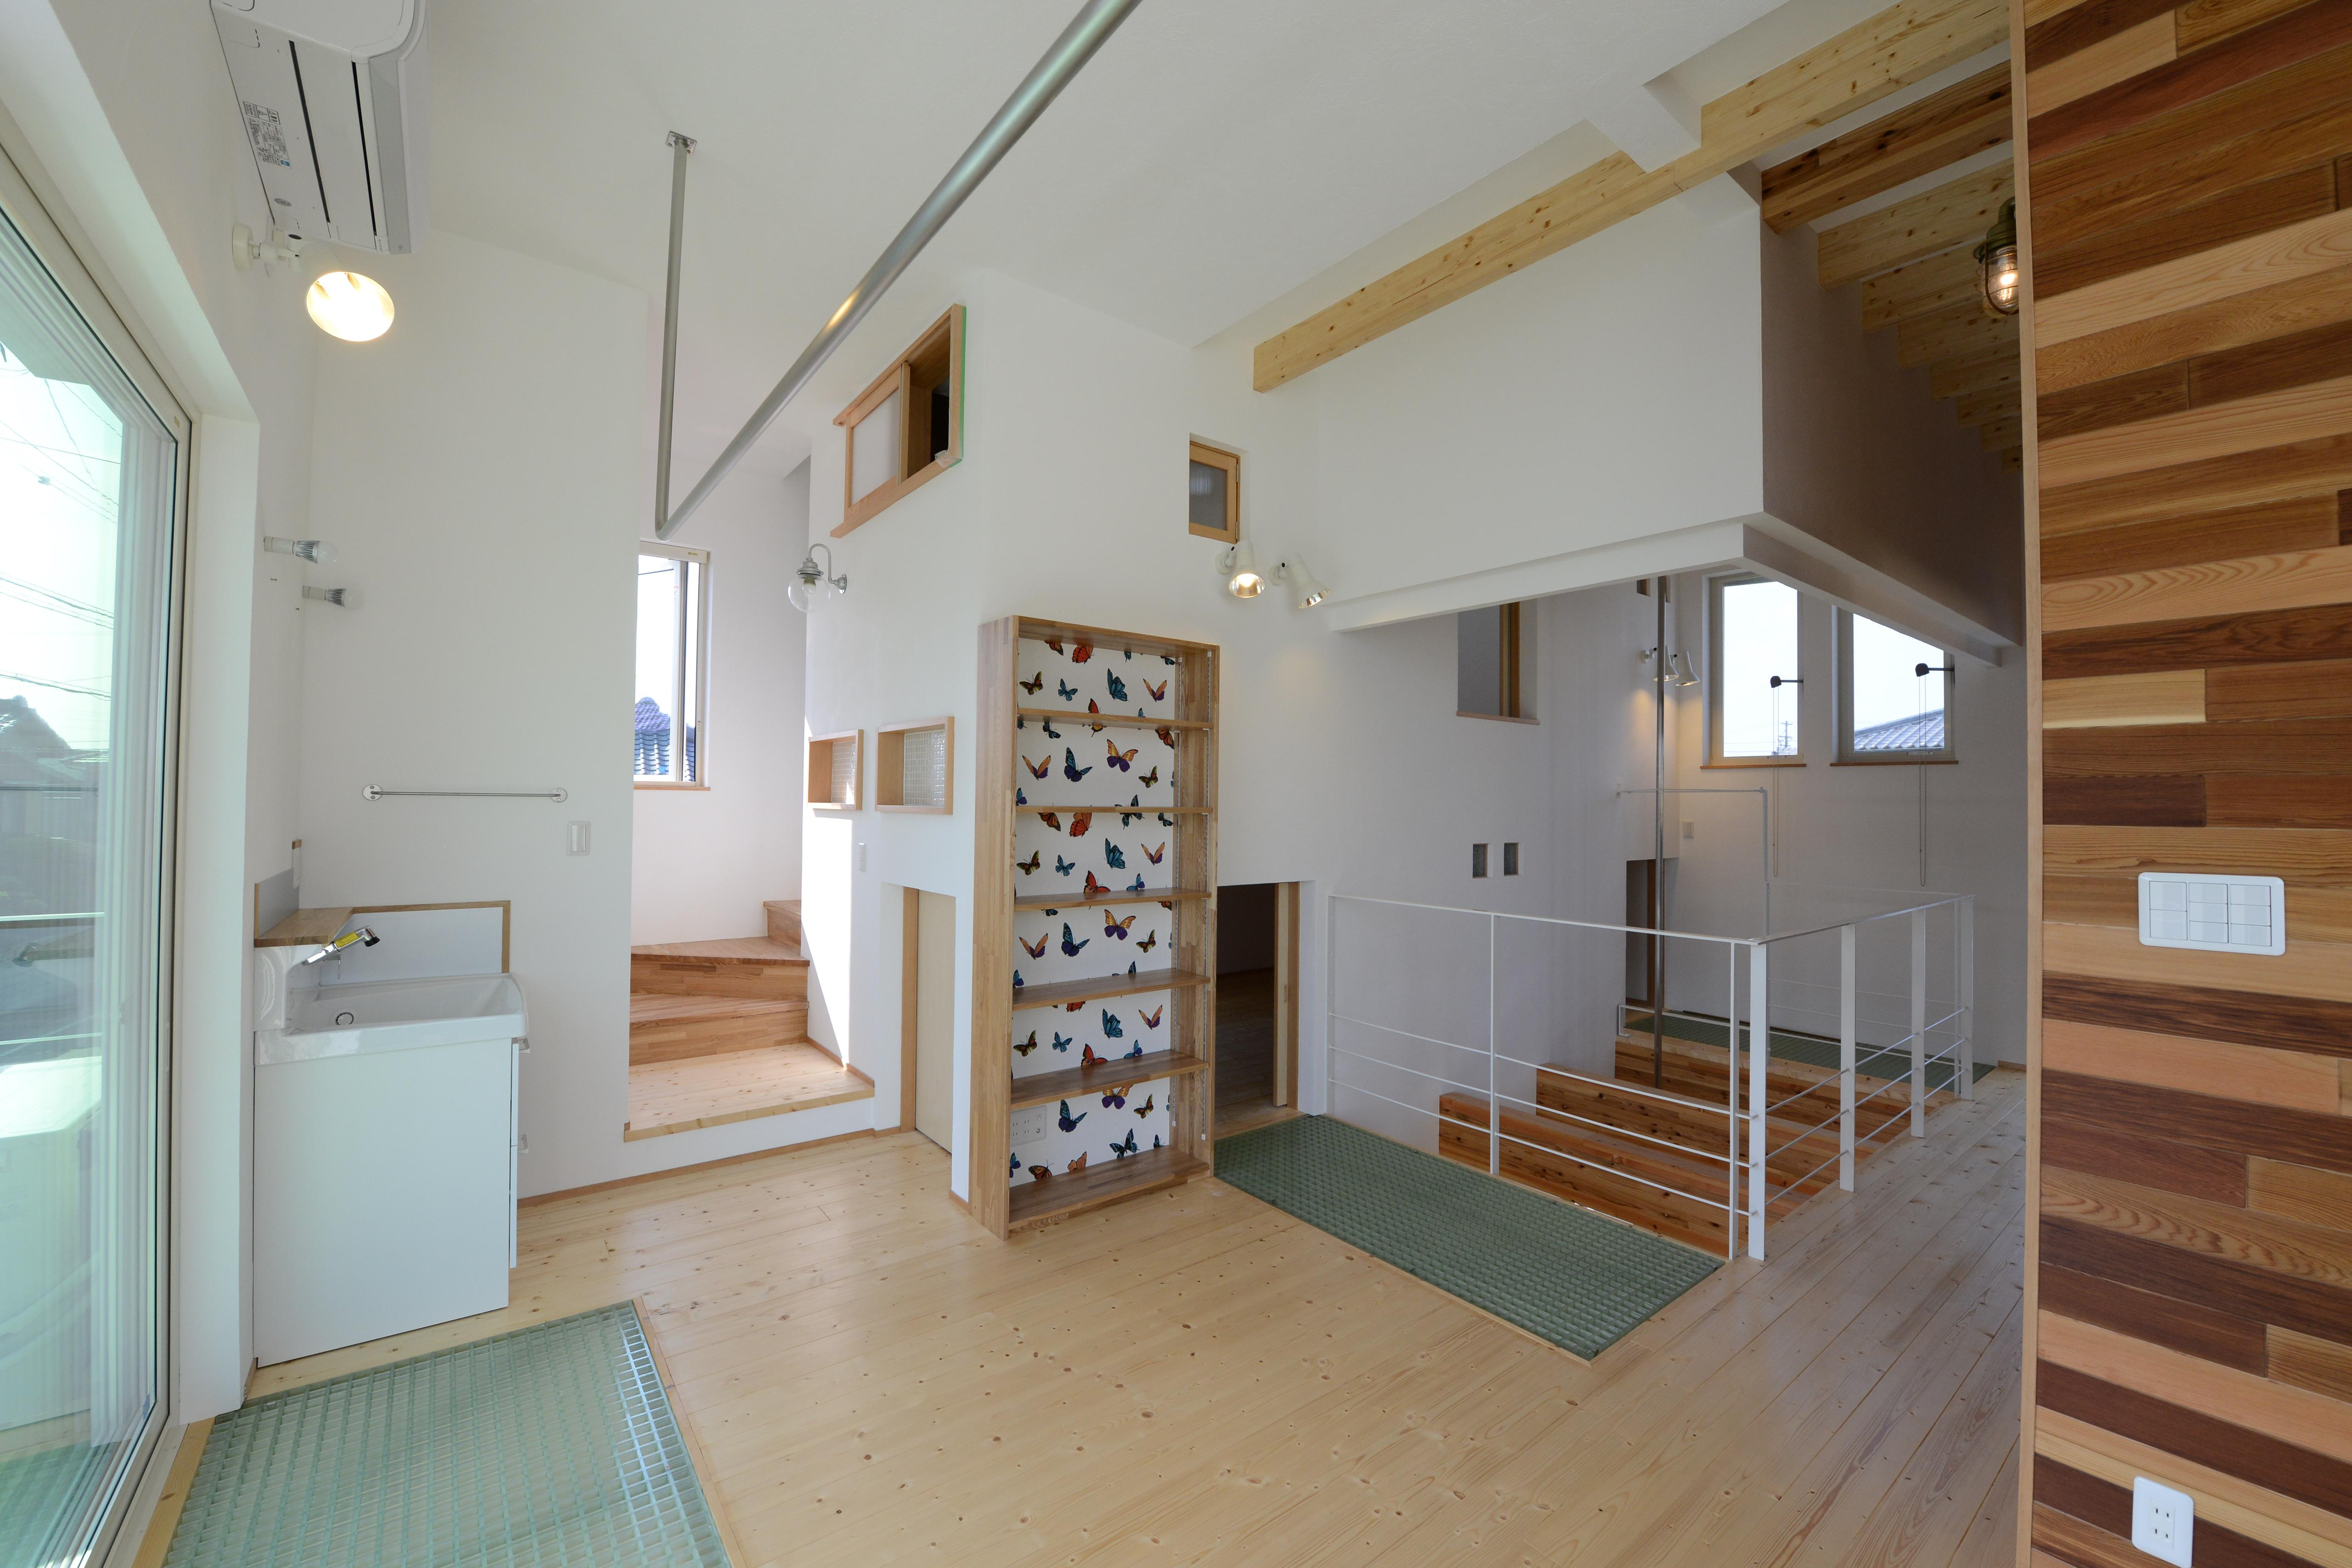 刈谷市の家3の部屋 開放的な空間